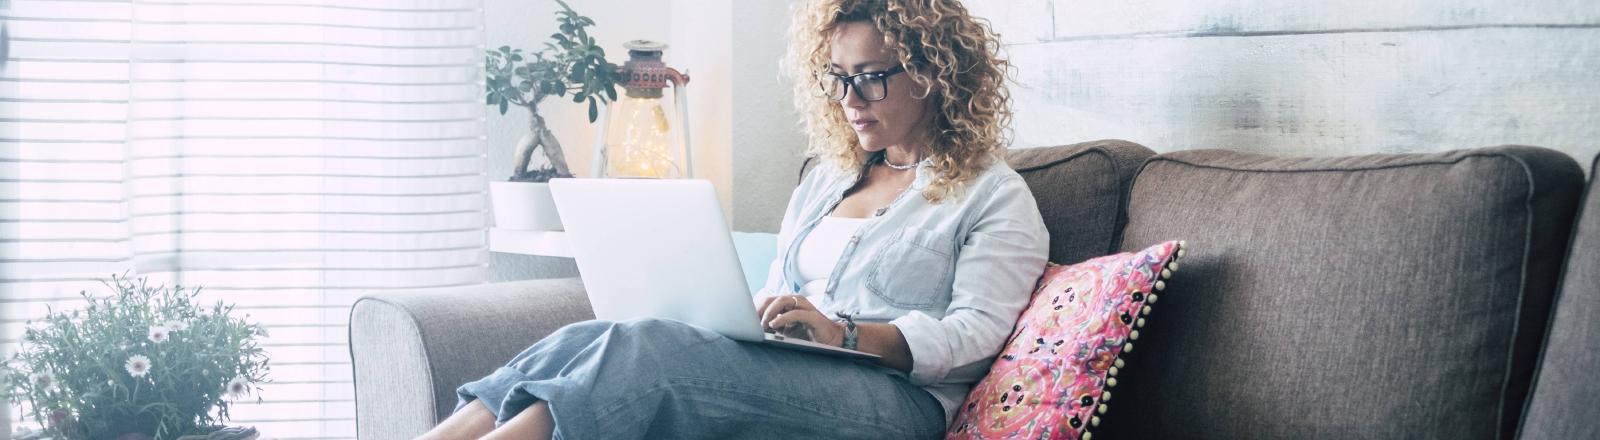 Frau sitzt mit Laptop auf Sofa